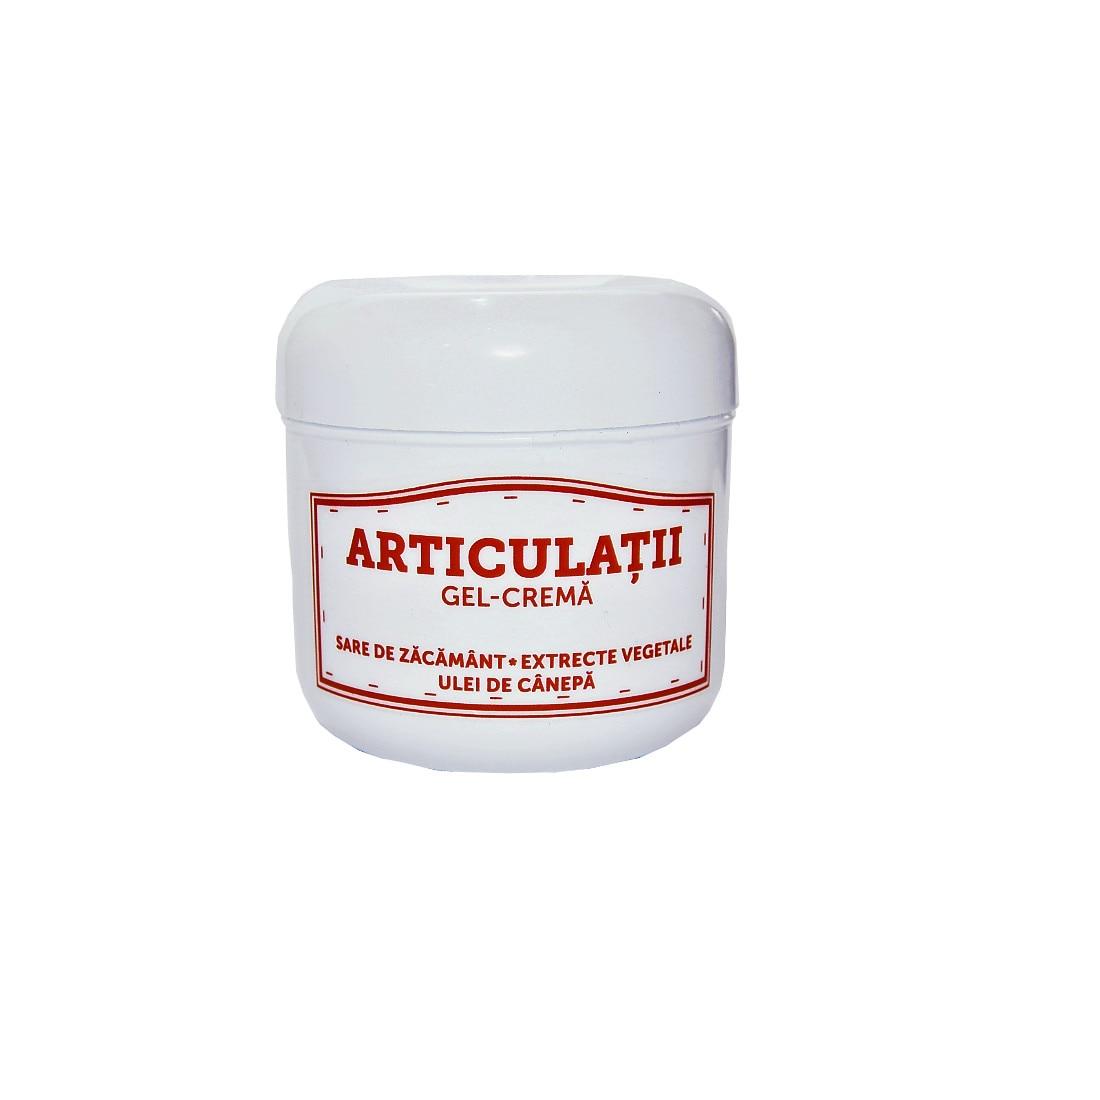 dureri articulare unguent inodor norma de glucostamină condroitină